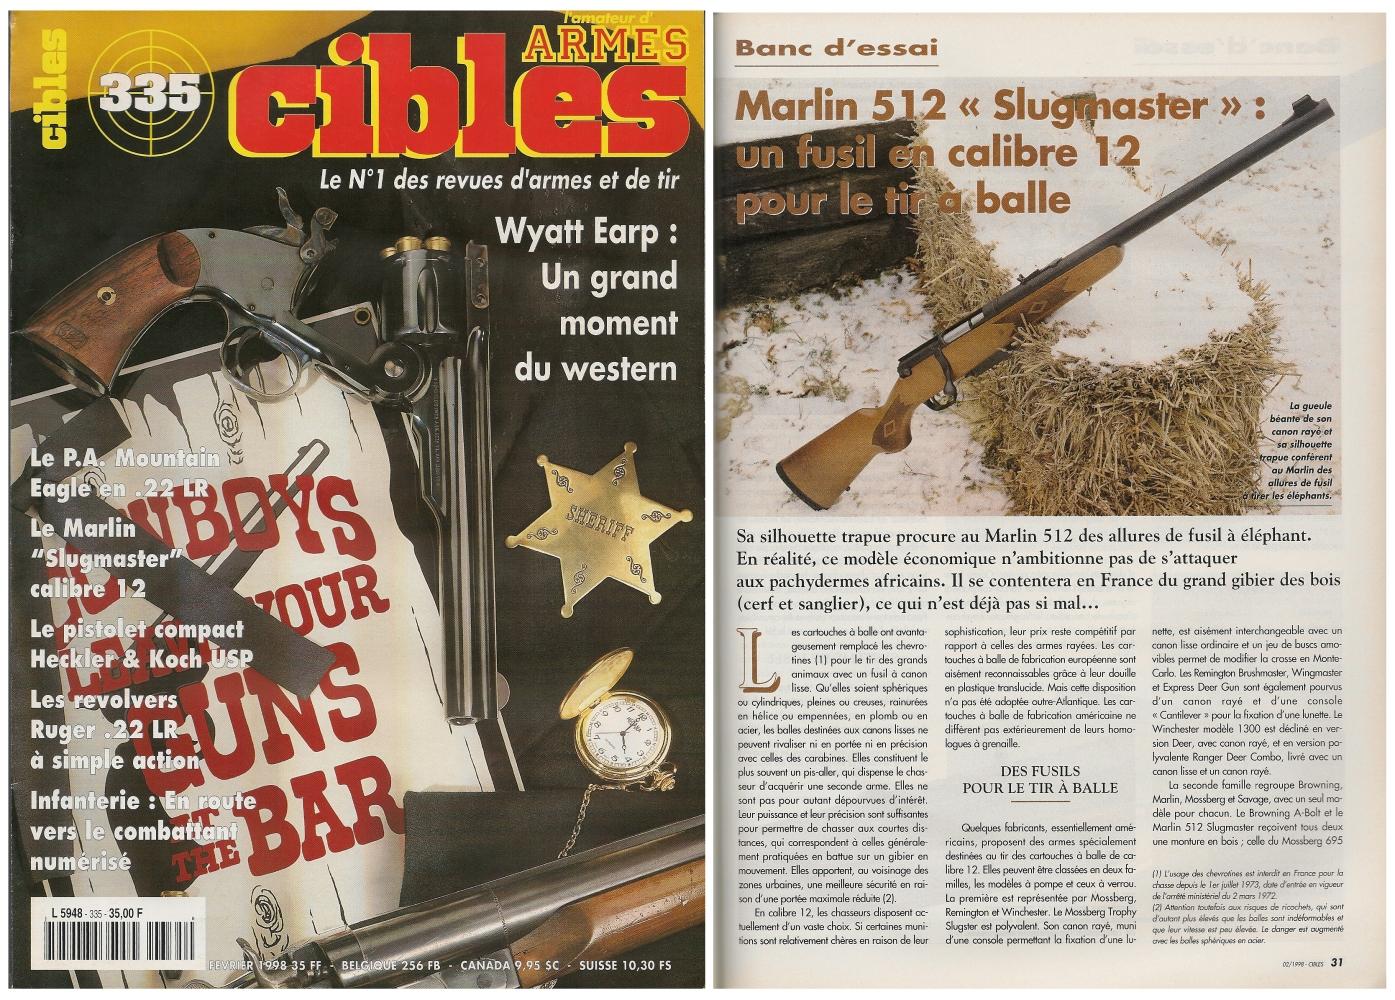 Le banc d'essai du Marlin 512 Slugmaster a été publié sur 4 pages dans le magazine Cibles n°335 (février 1998)